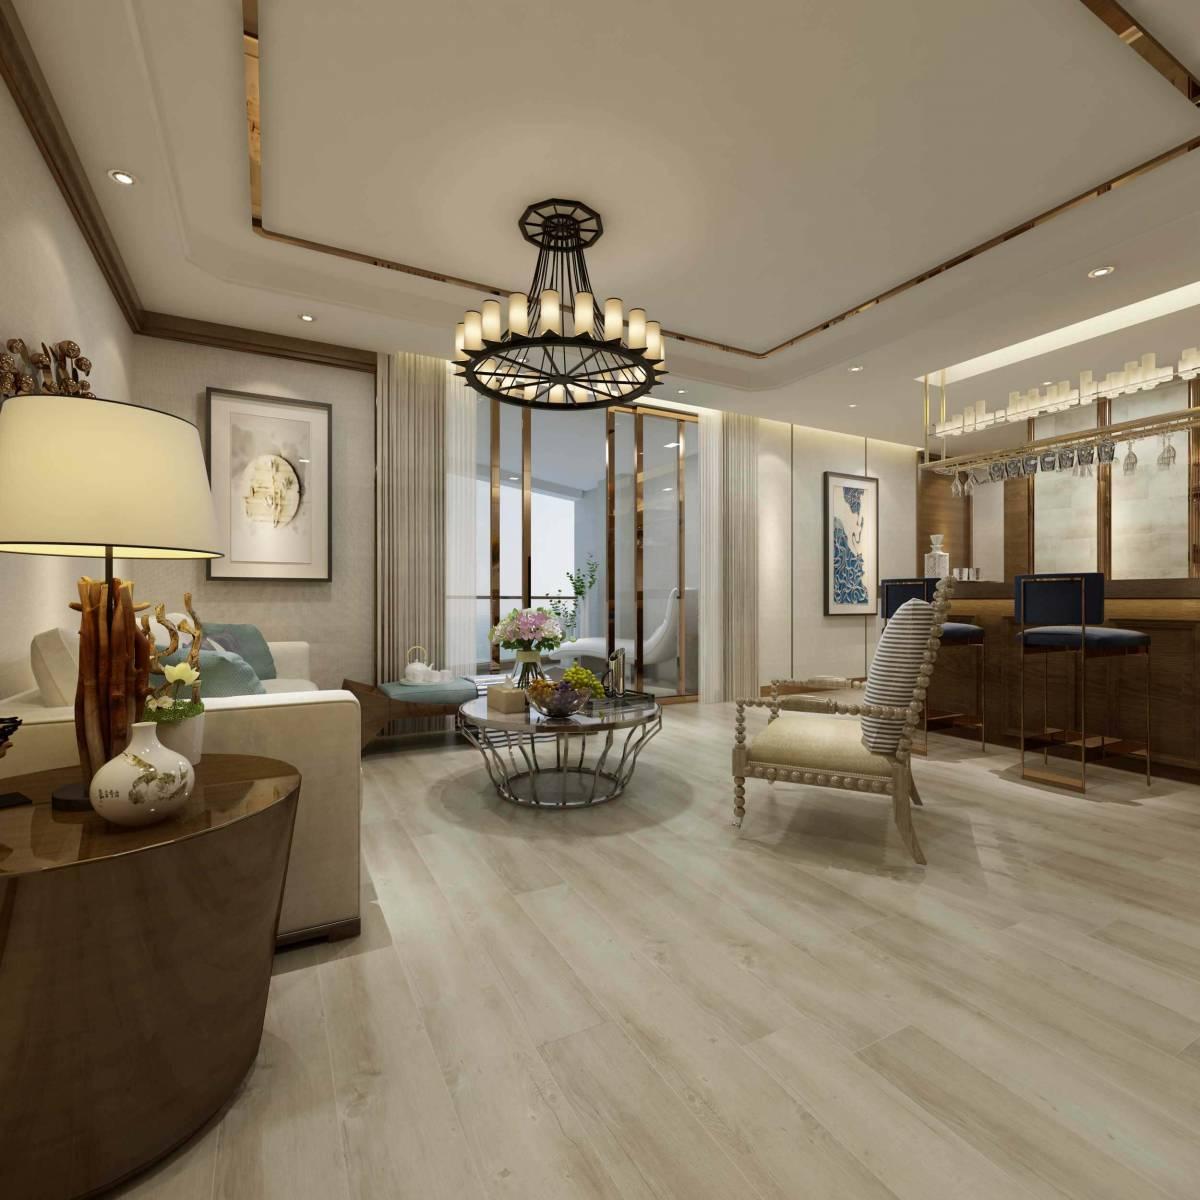 Luxury Vinyl Flooring & Living Room Carpet in Singapore